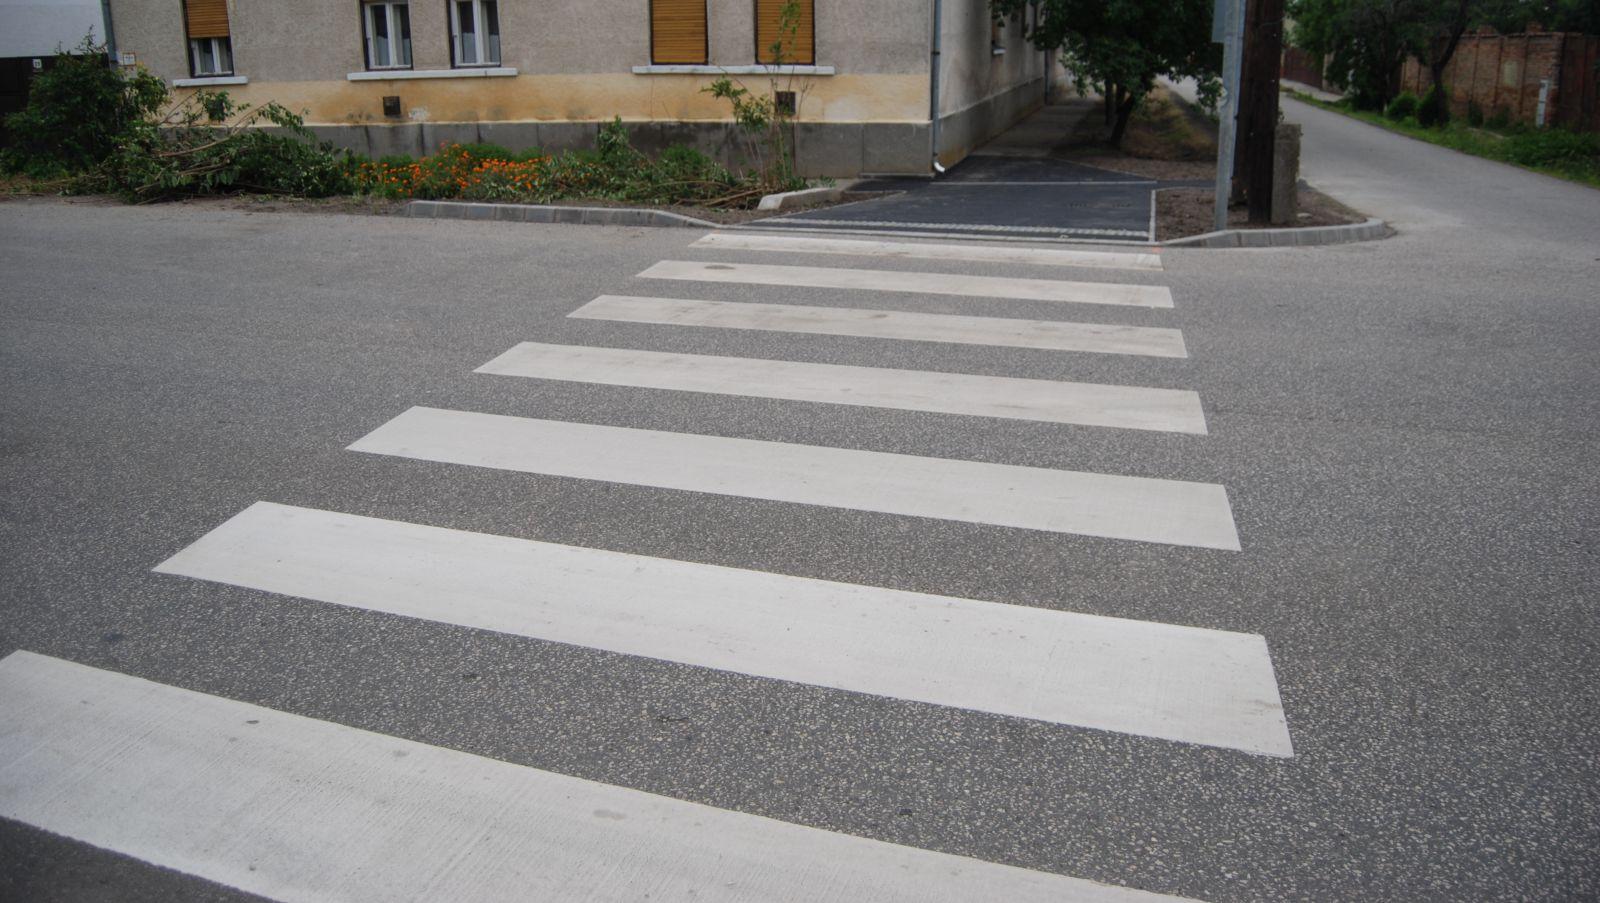 Megtörtént a gyalogátkelőhelyek műszaki átadása